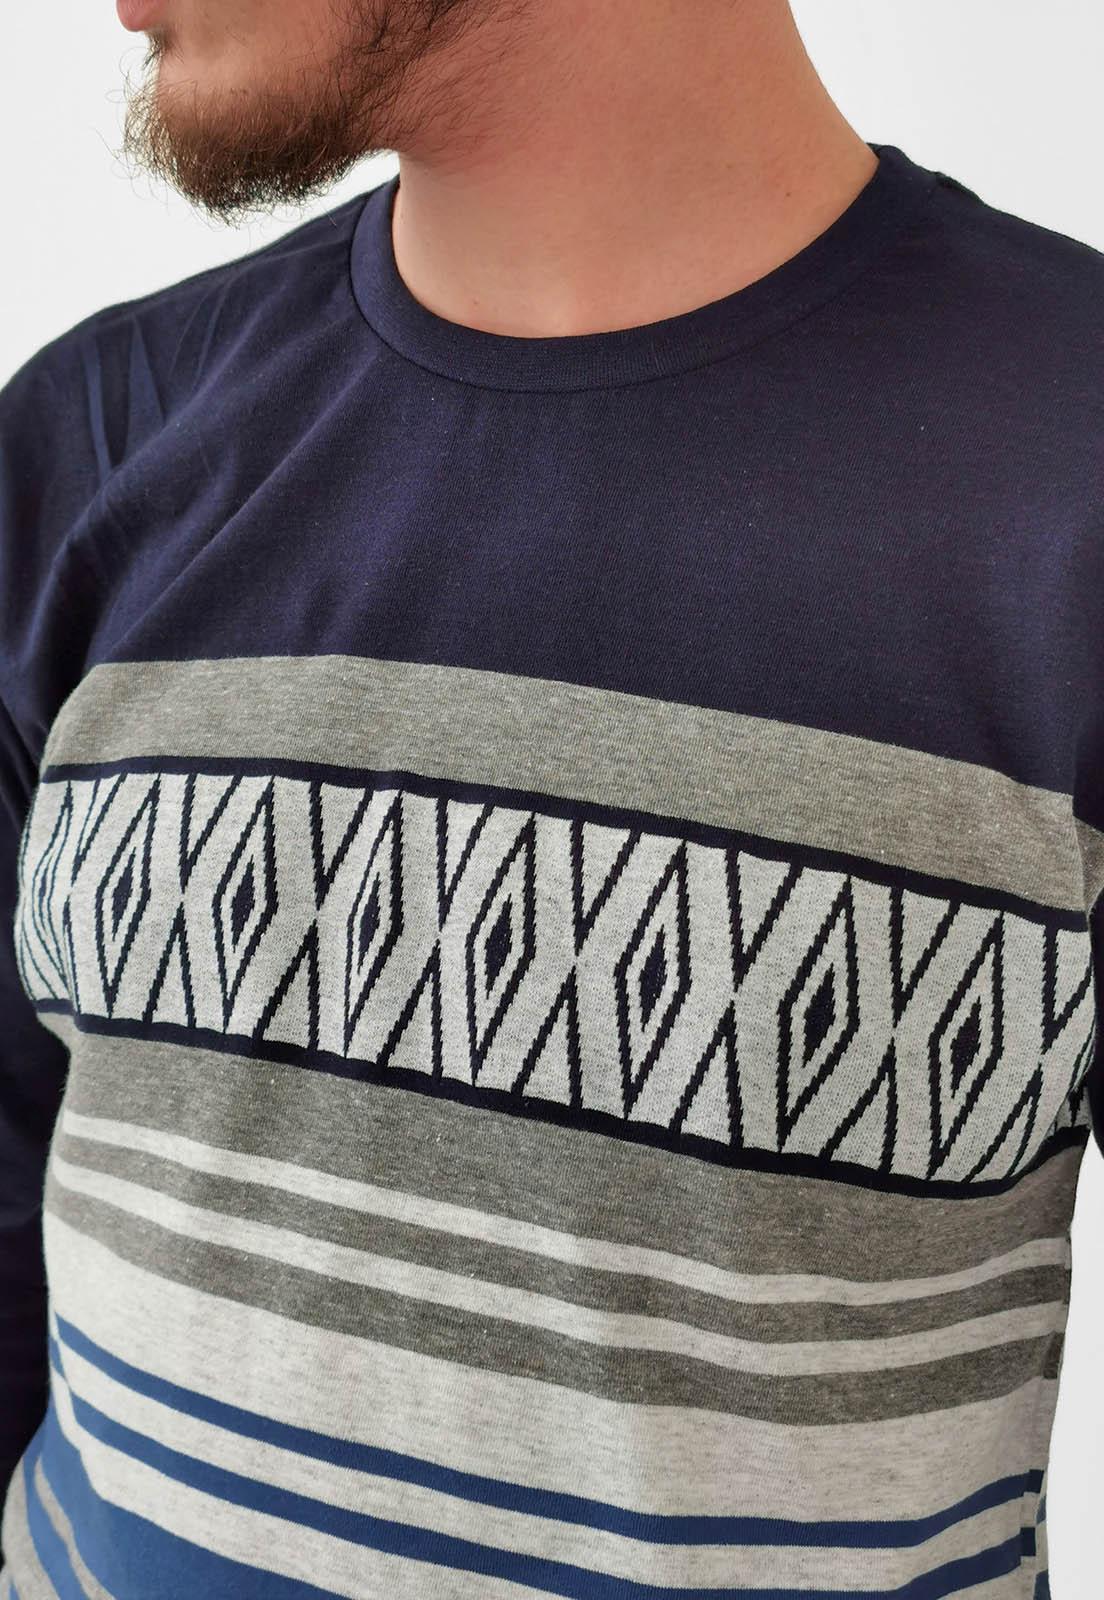 Camiseta Nicoboco Manga Longa Azul Marinho Listas